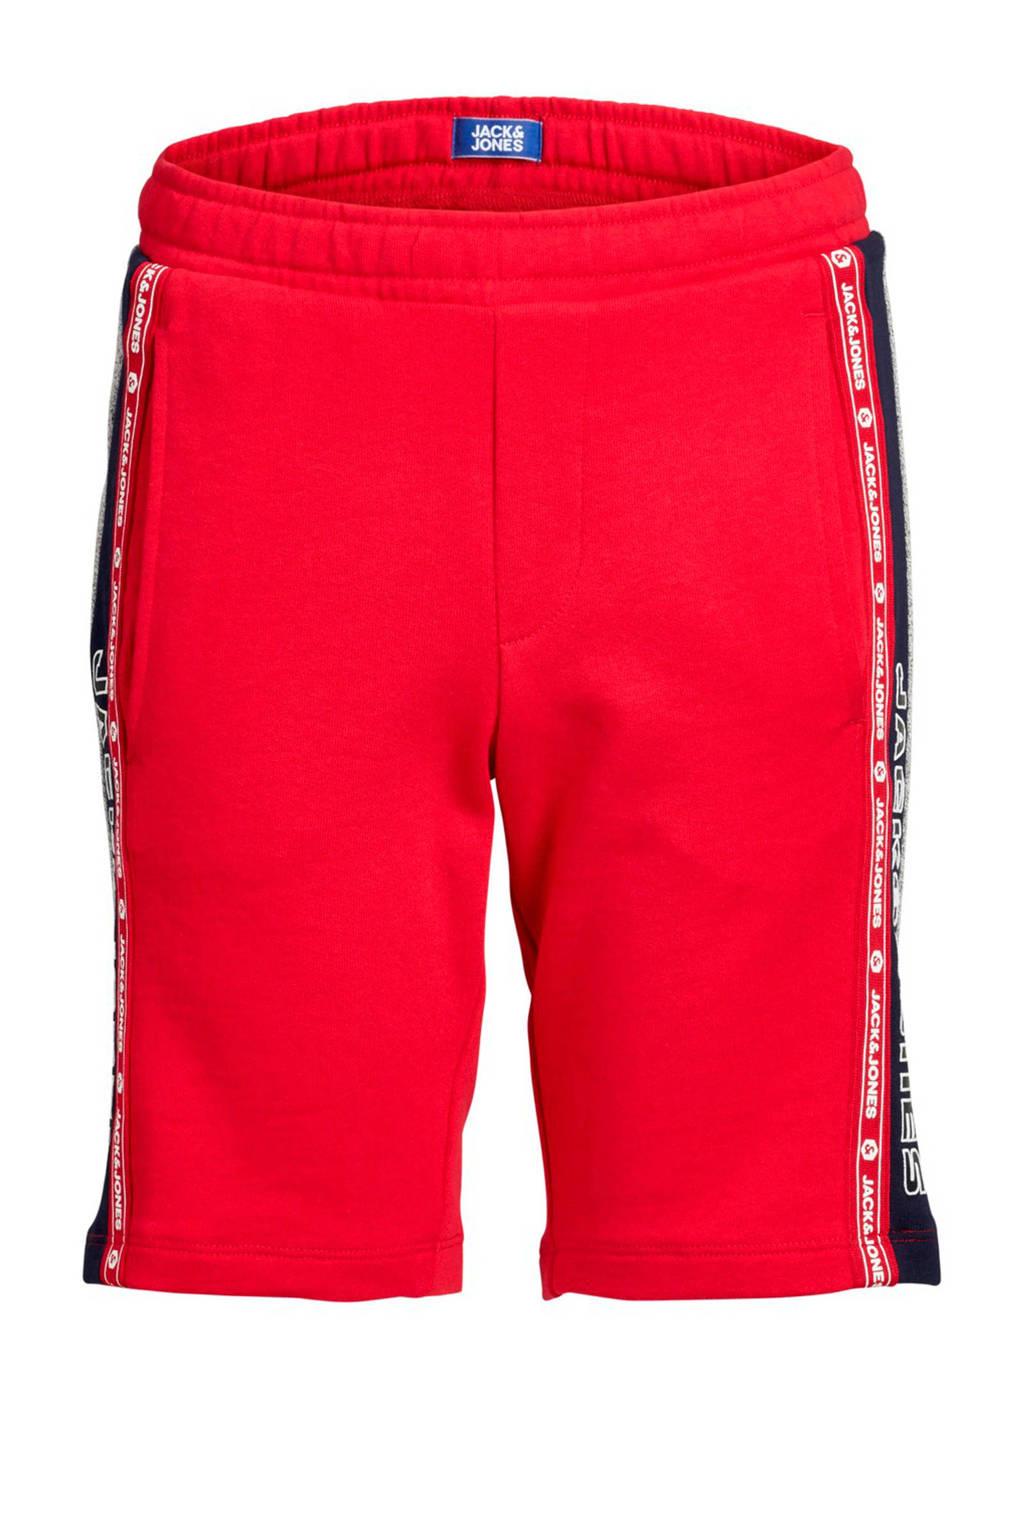 Jack & Jones Junior sweatshort Maxit met zijstreep rood, Rood